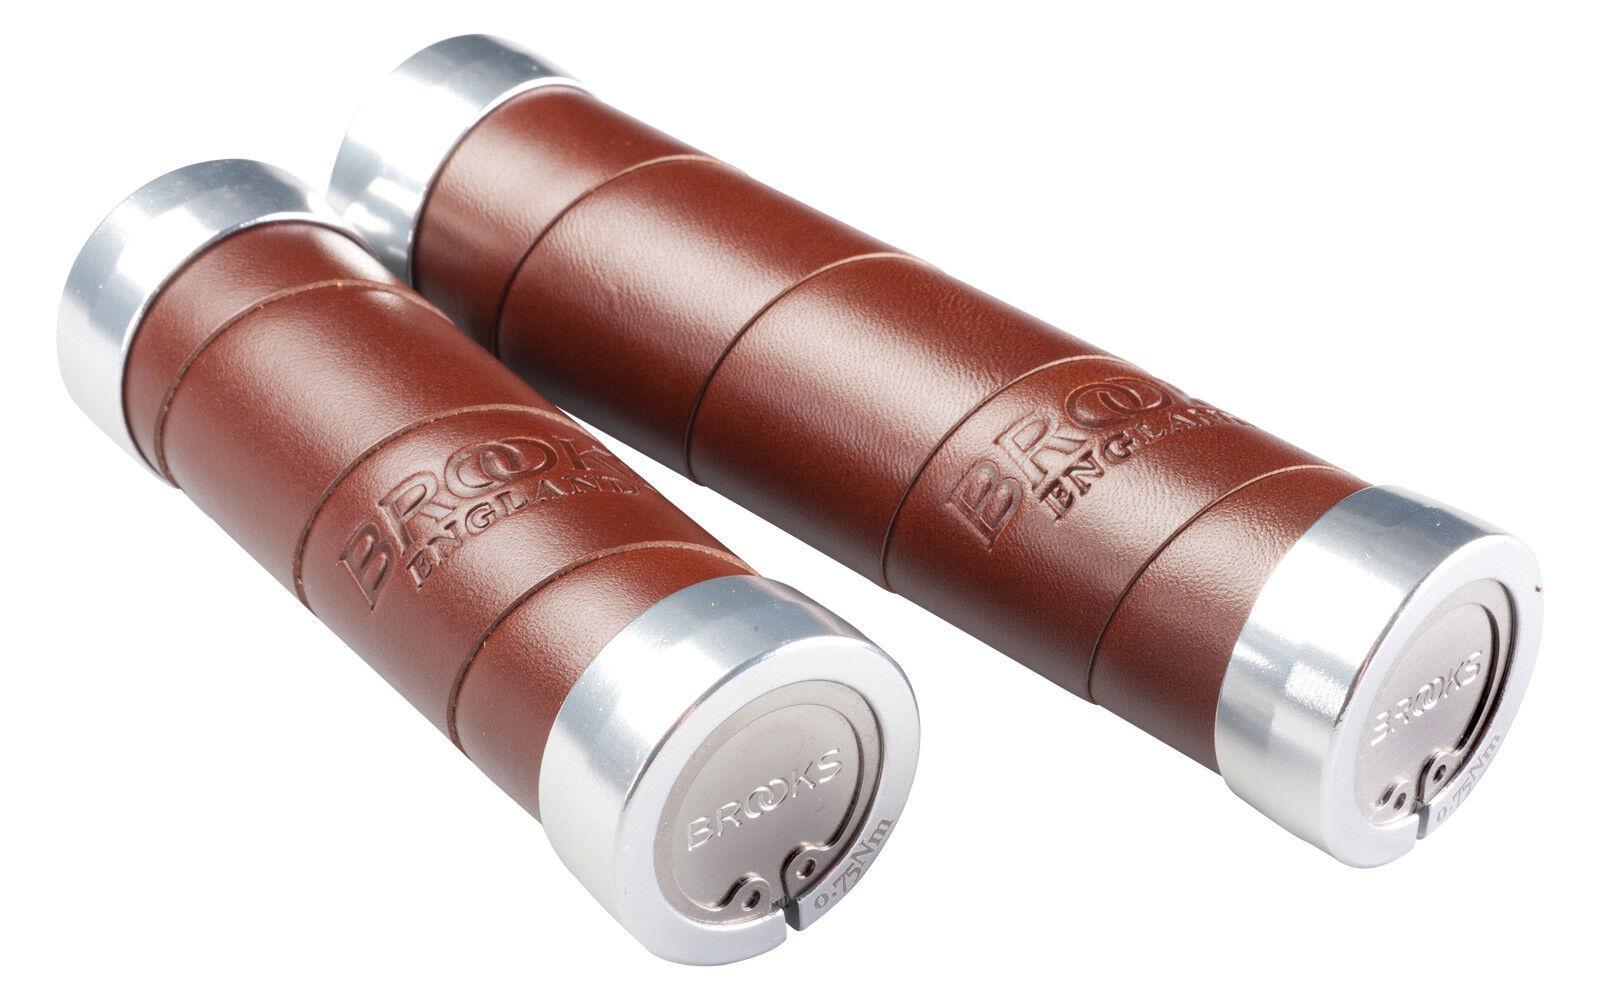 Brooks pinzamientos manillar pinzamientos Slender cuero marrón diferentes Largoitudes elegibles   tienda de descuento